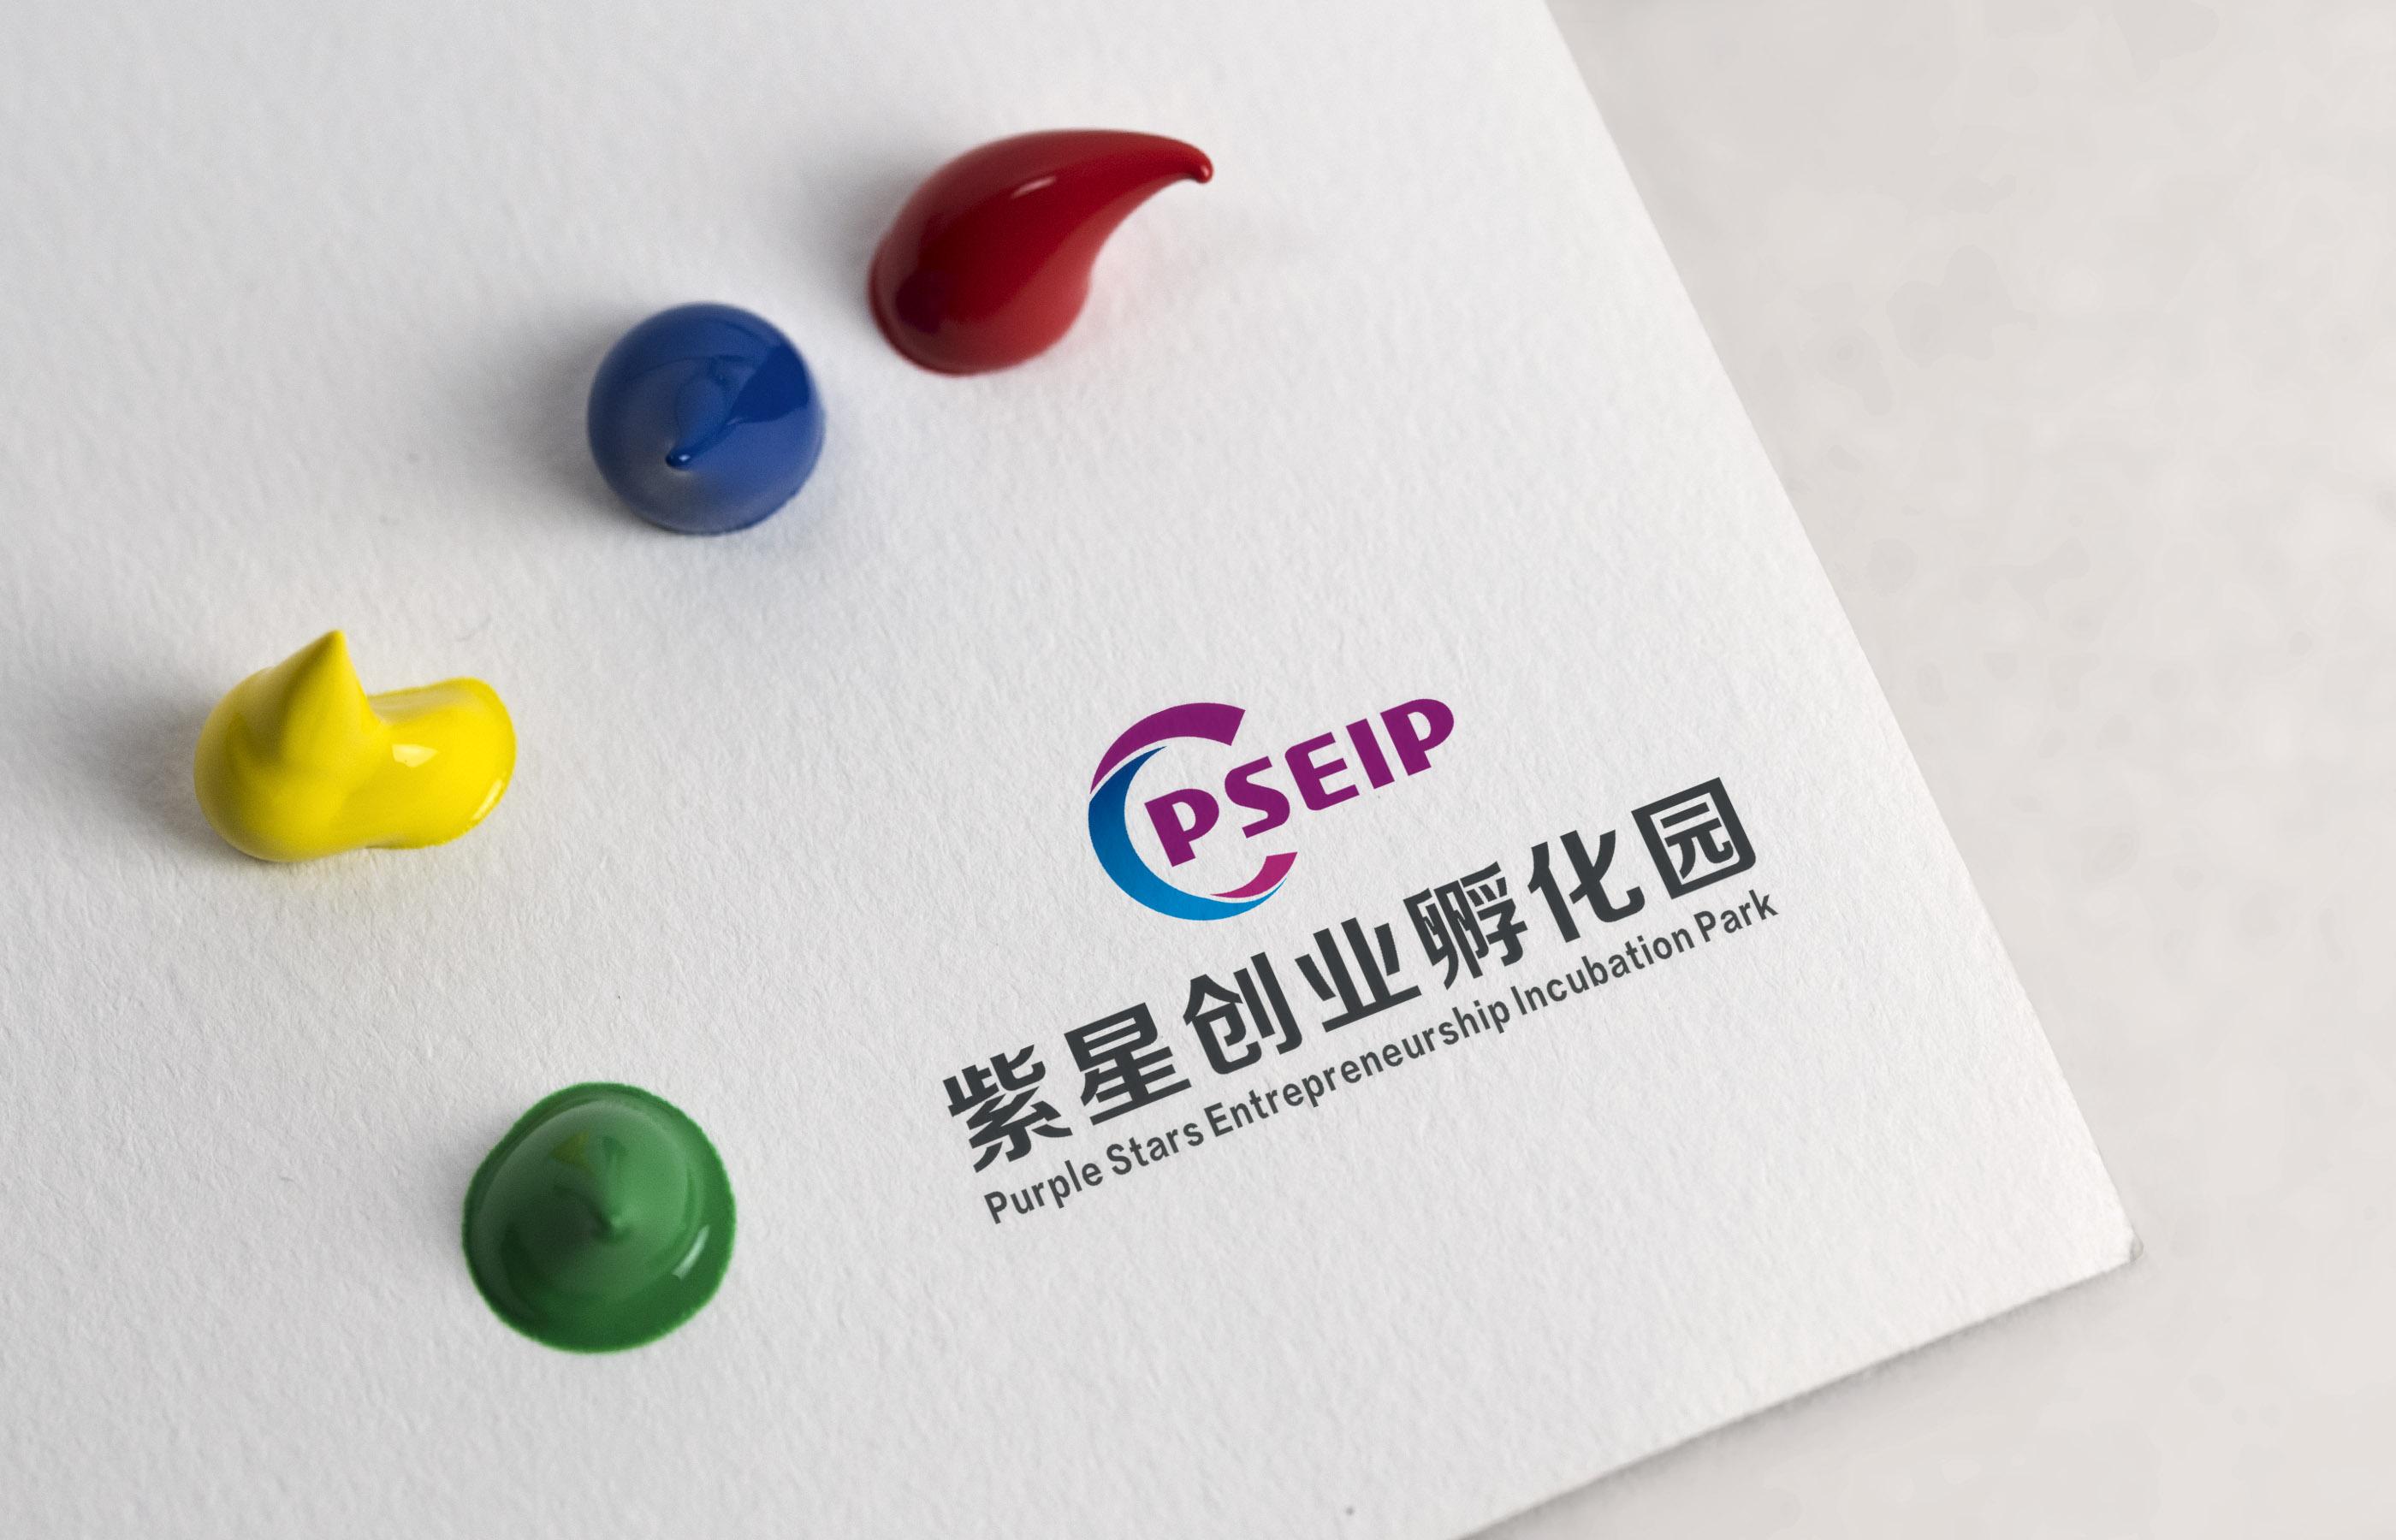 紫星创业孵化园logo设计_2956089_k68威客网